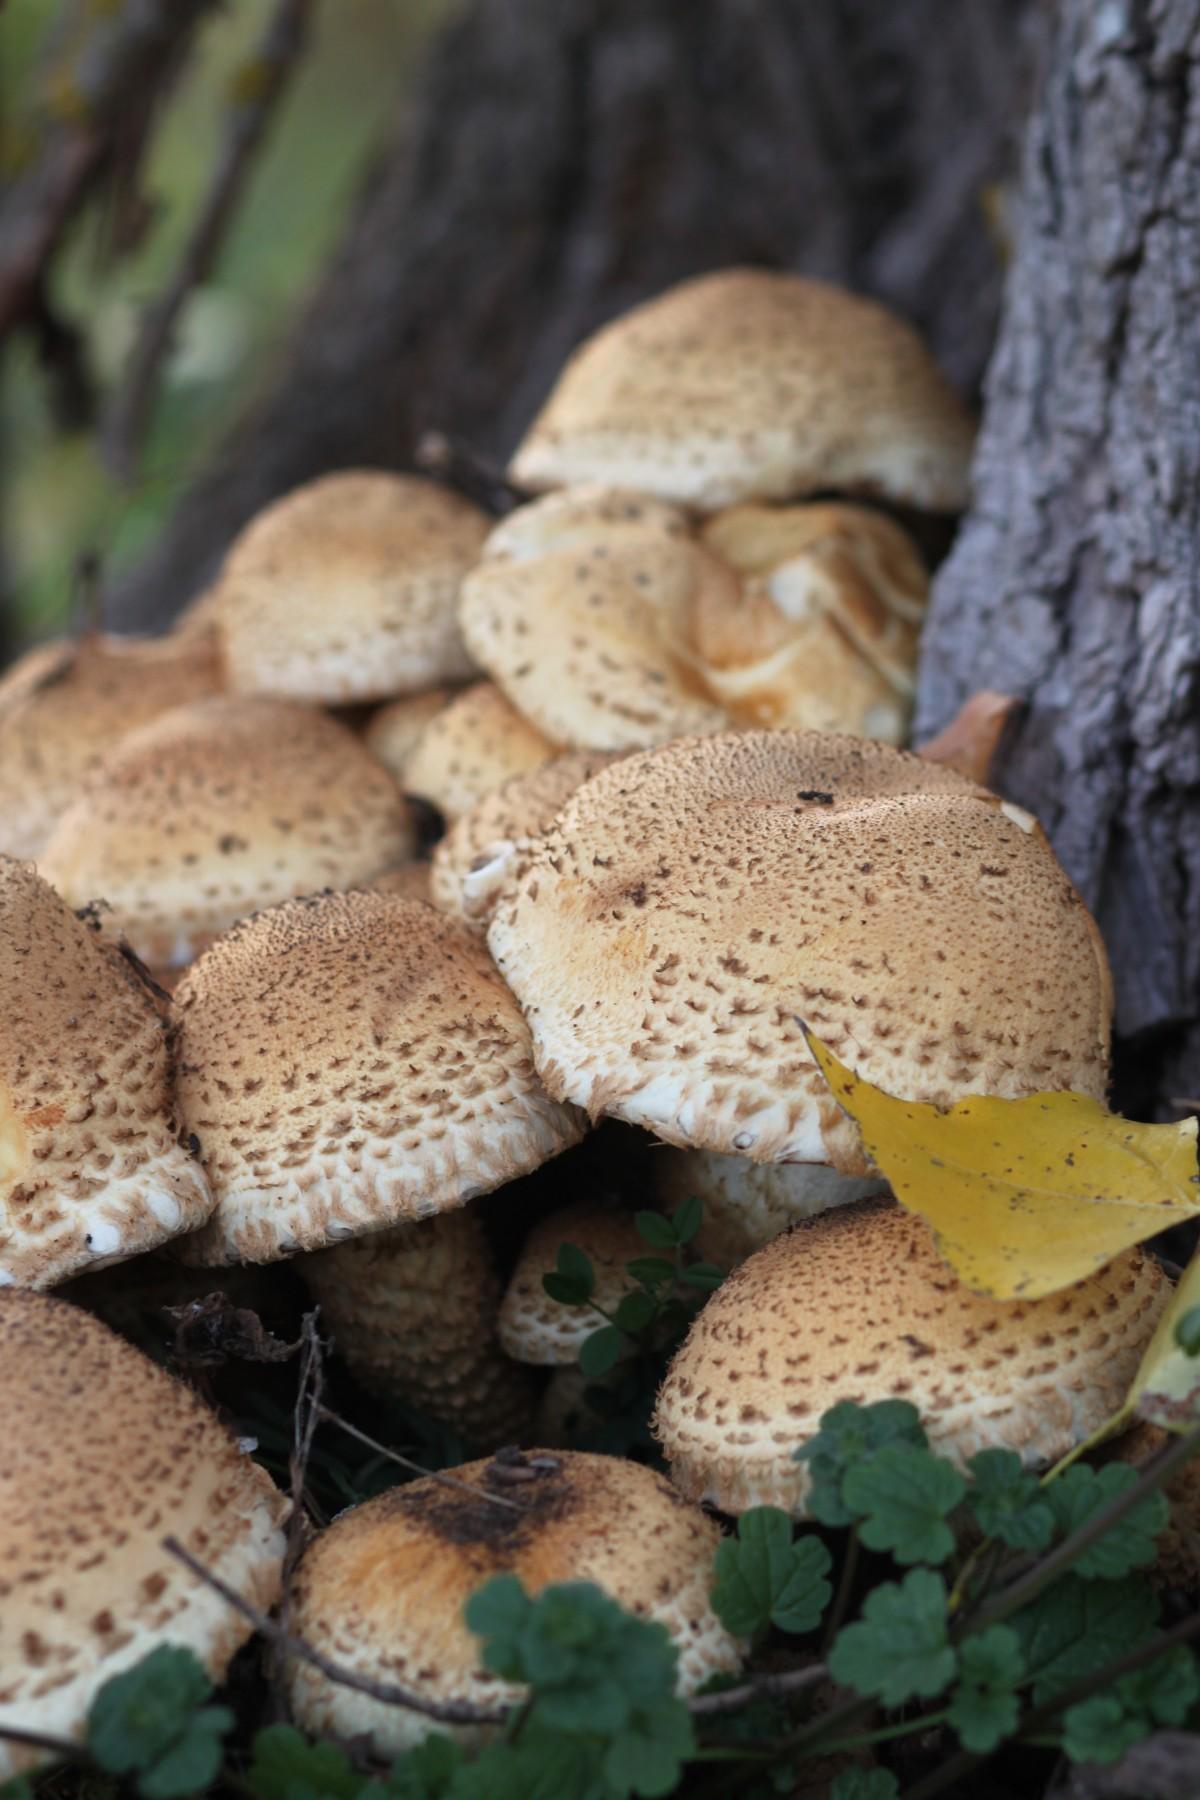 картинки осенних грибов с названиями нем предусмотрено все